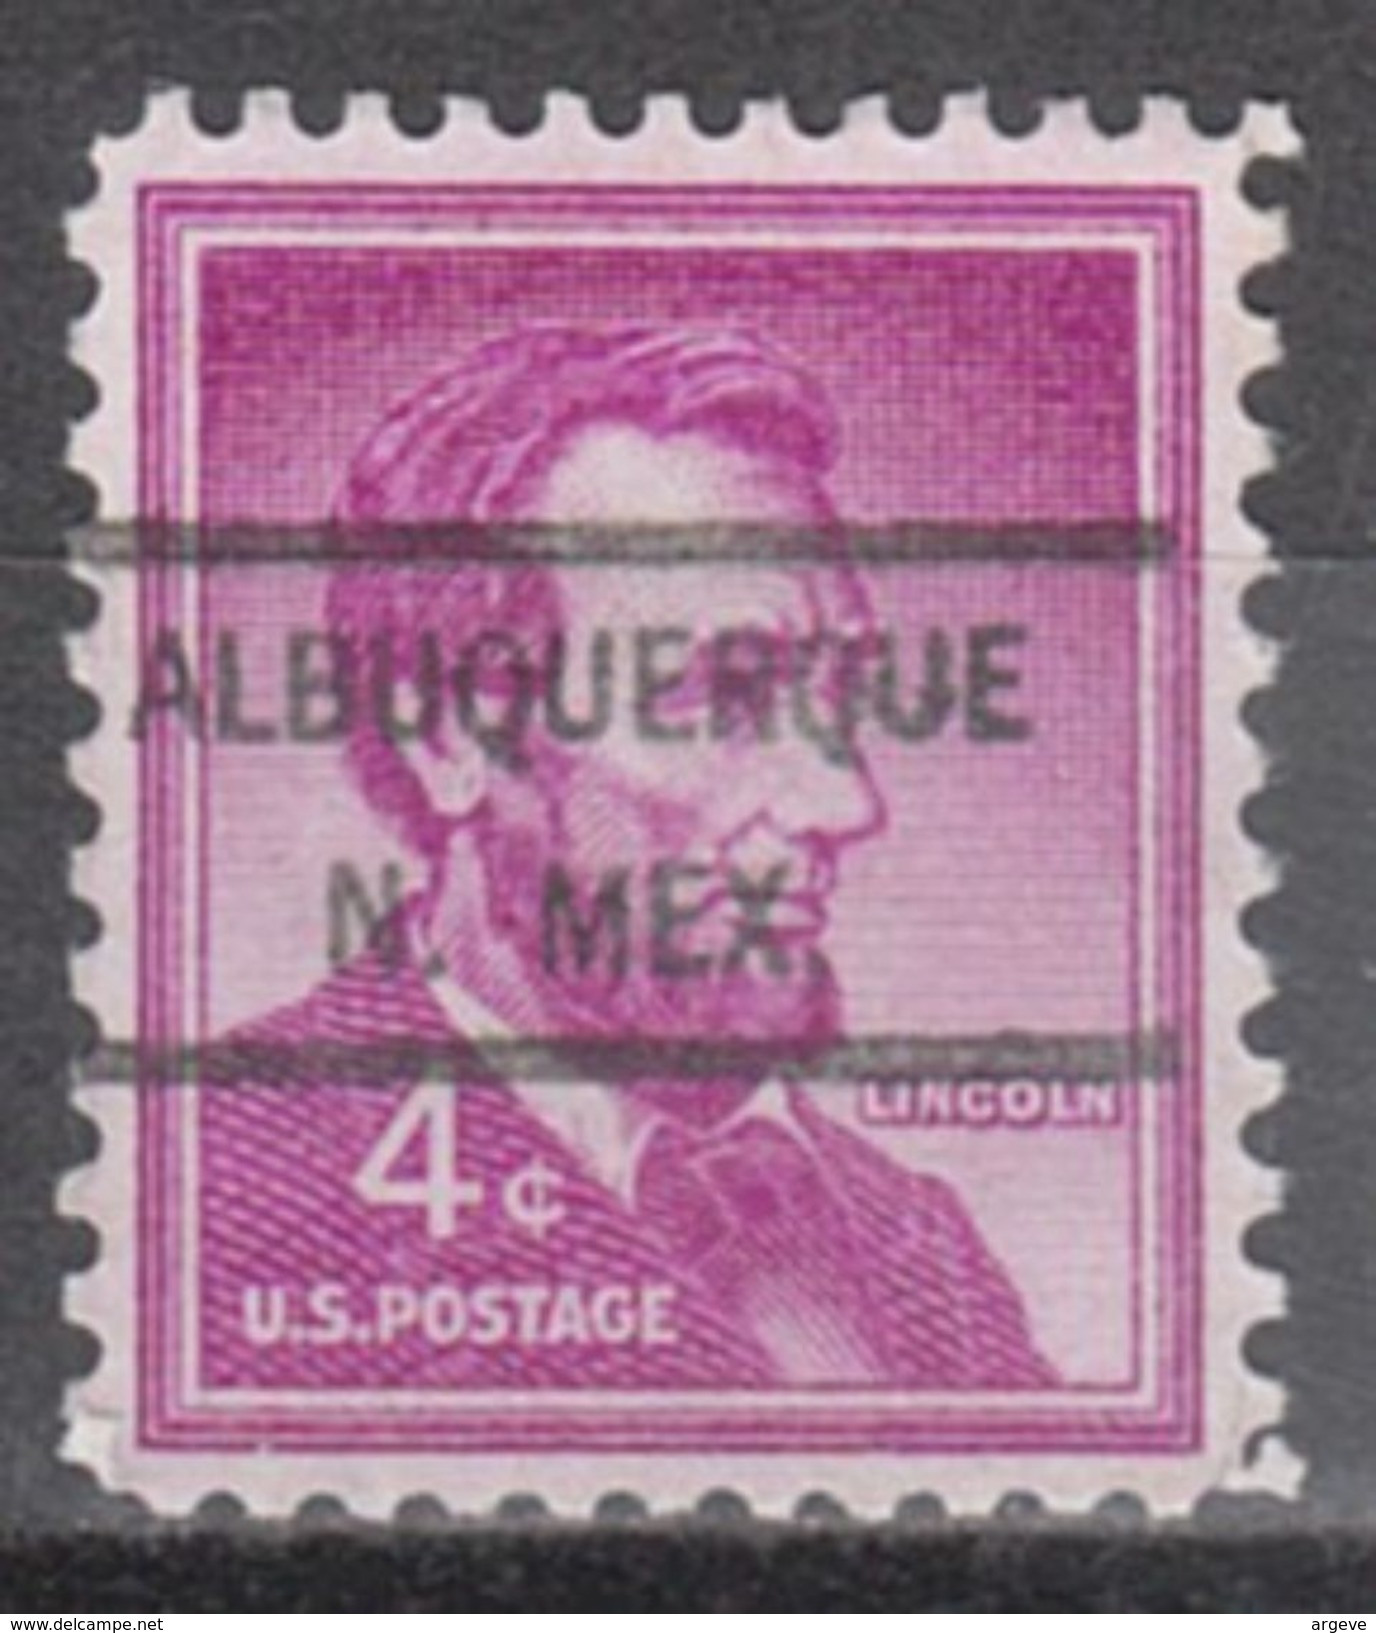 USA Precancel Vorausentwertungen Preo, Locals New Mexico, Albuquerque 825 - Vereinigte Staaten